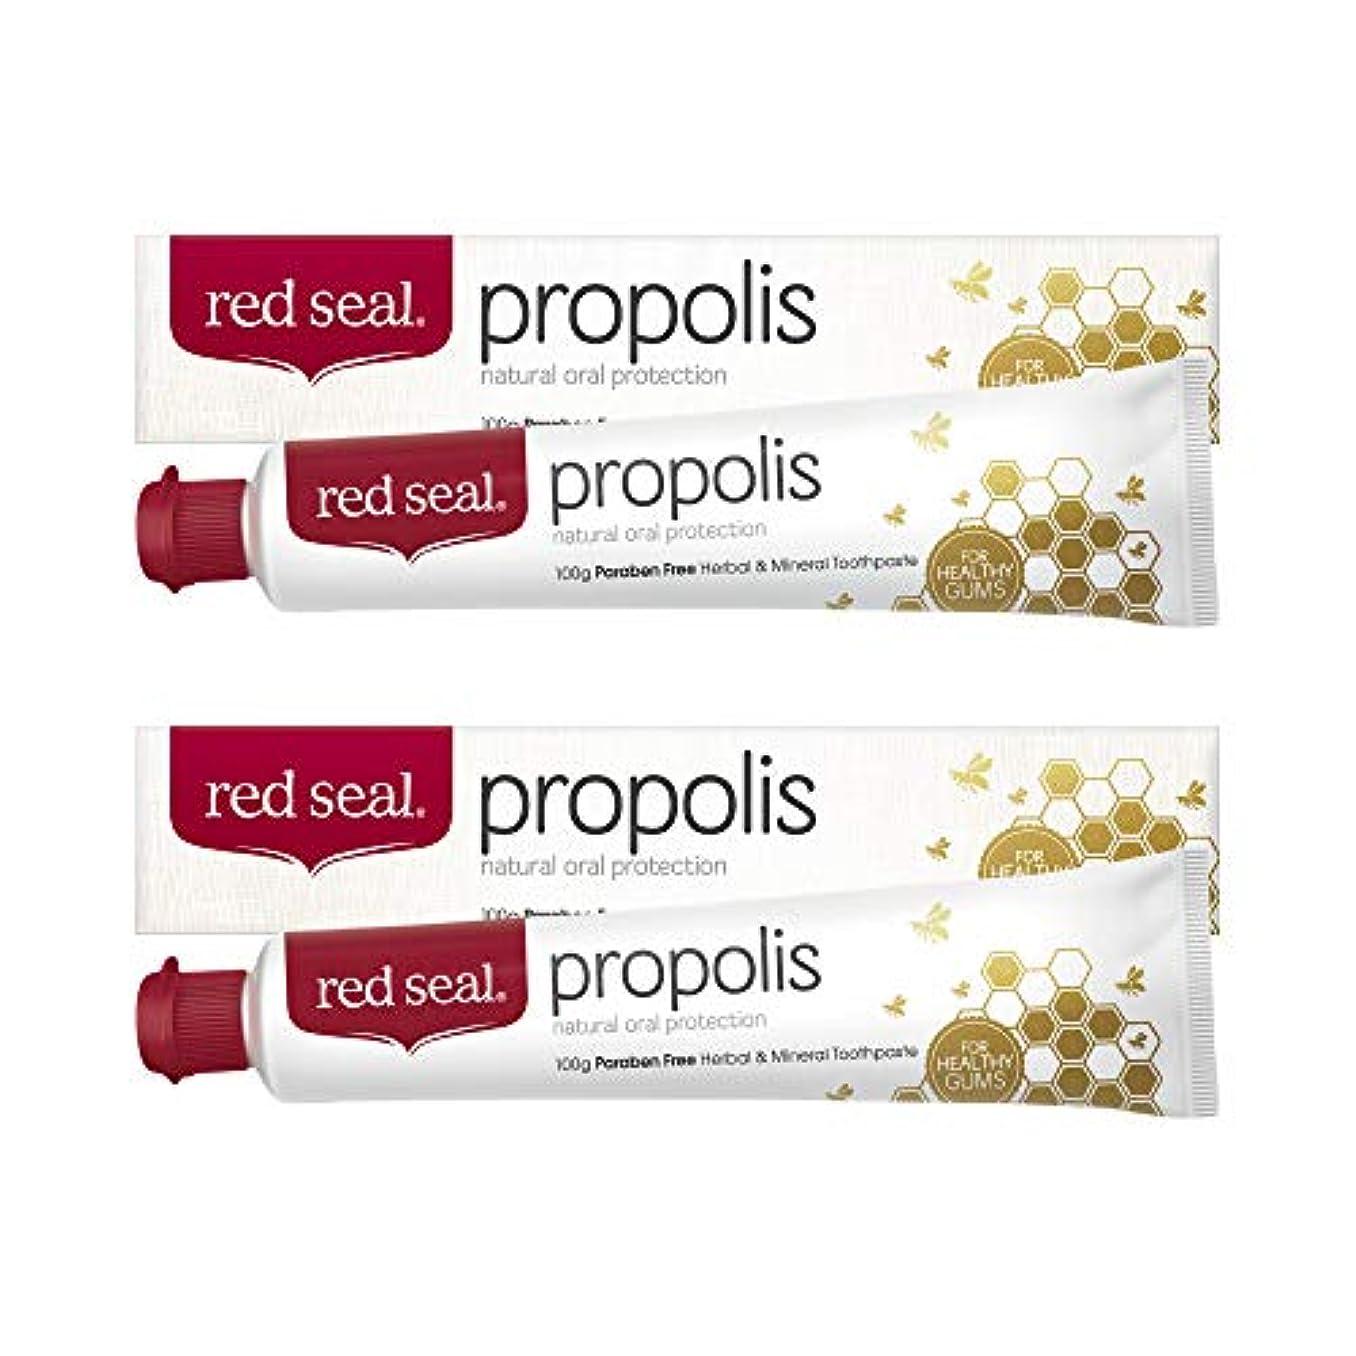 移動疲れたインシデントレッドシール 歯磨き粉 プロポリス 100g × 2本セット [ red seal/propolis ]